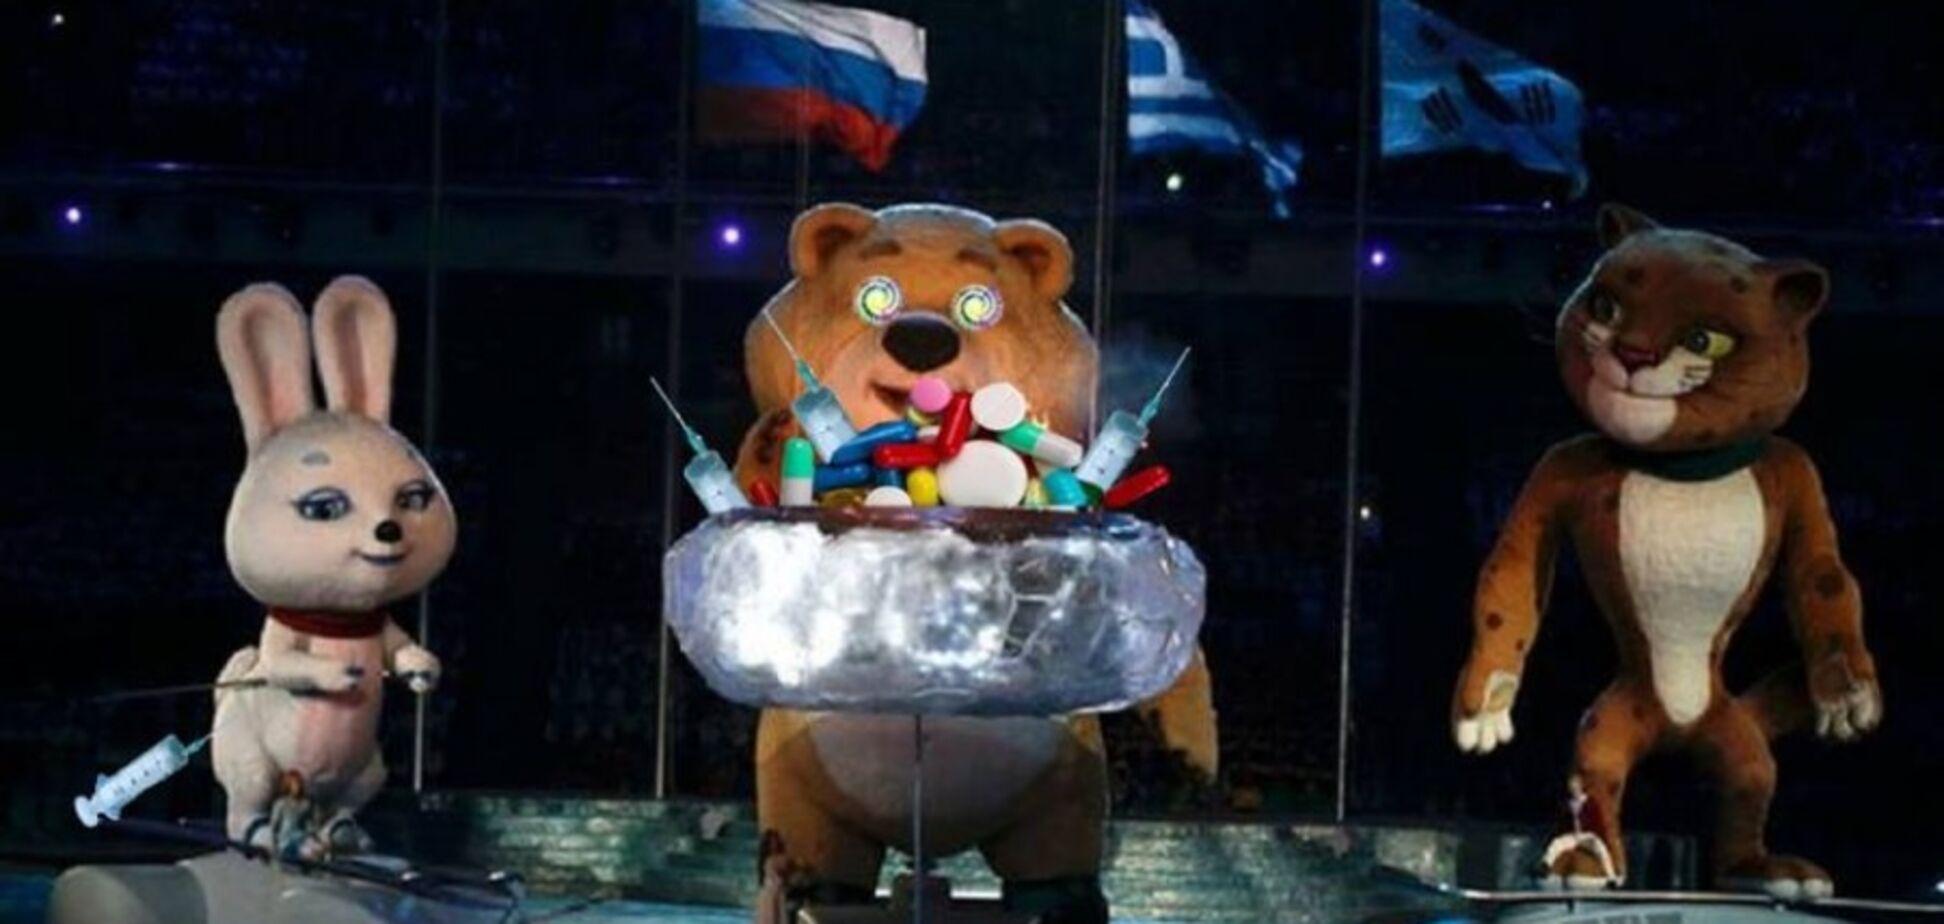 Олимпиада расставила все по местам, или Мельдоний творил чудеса